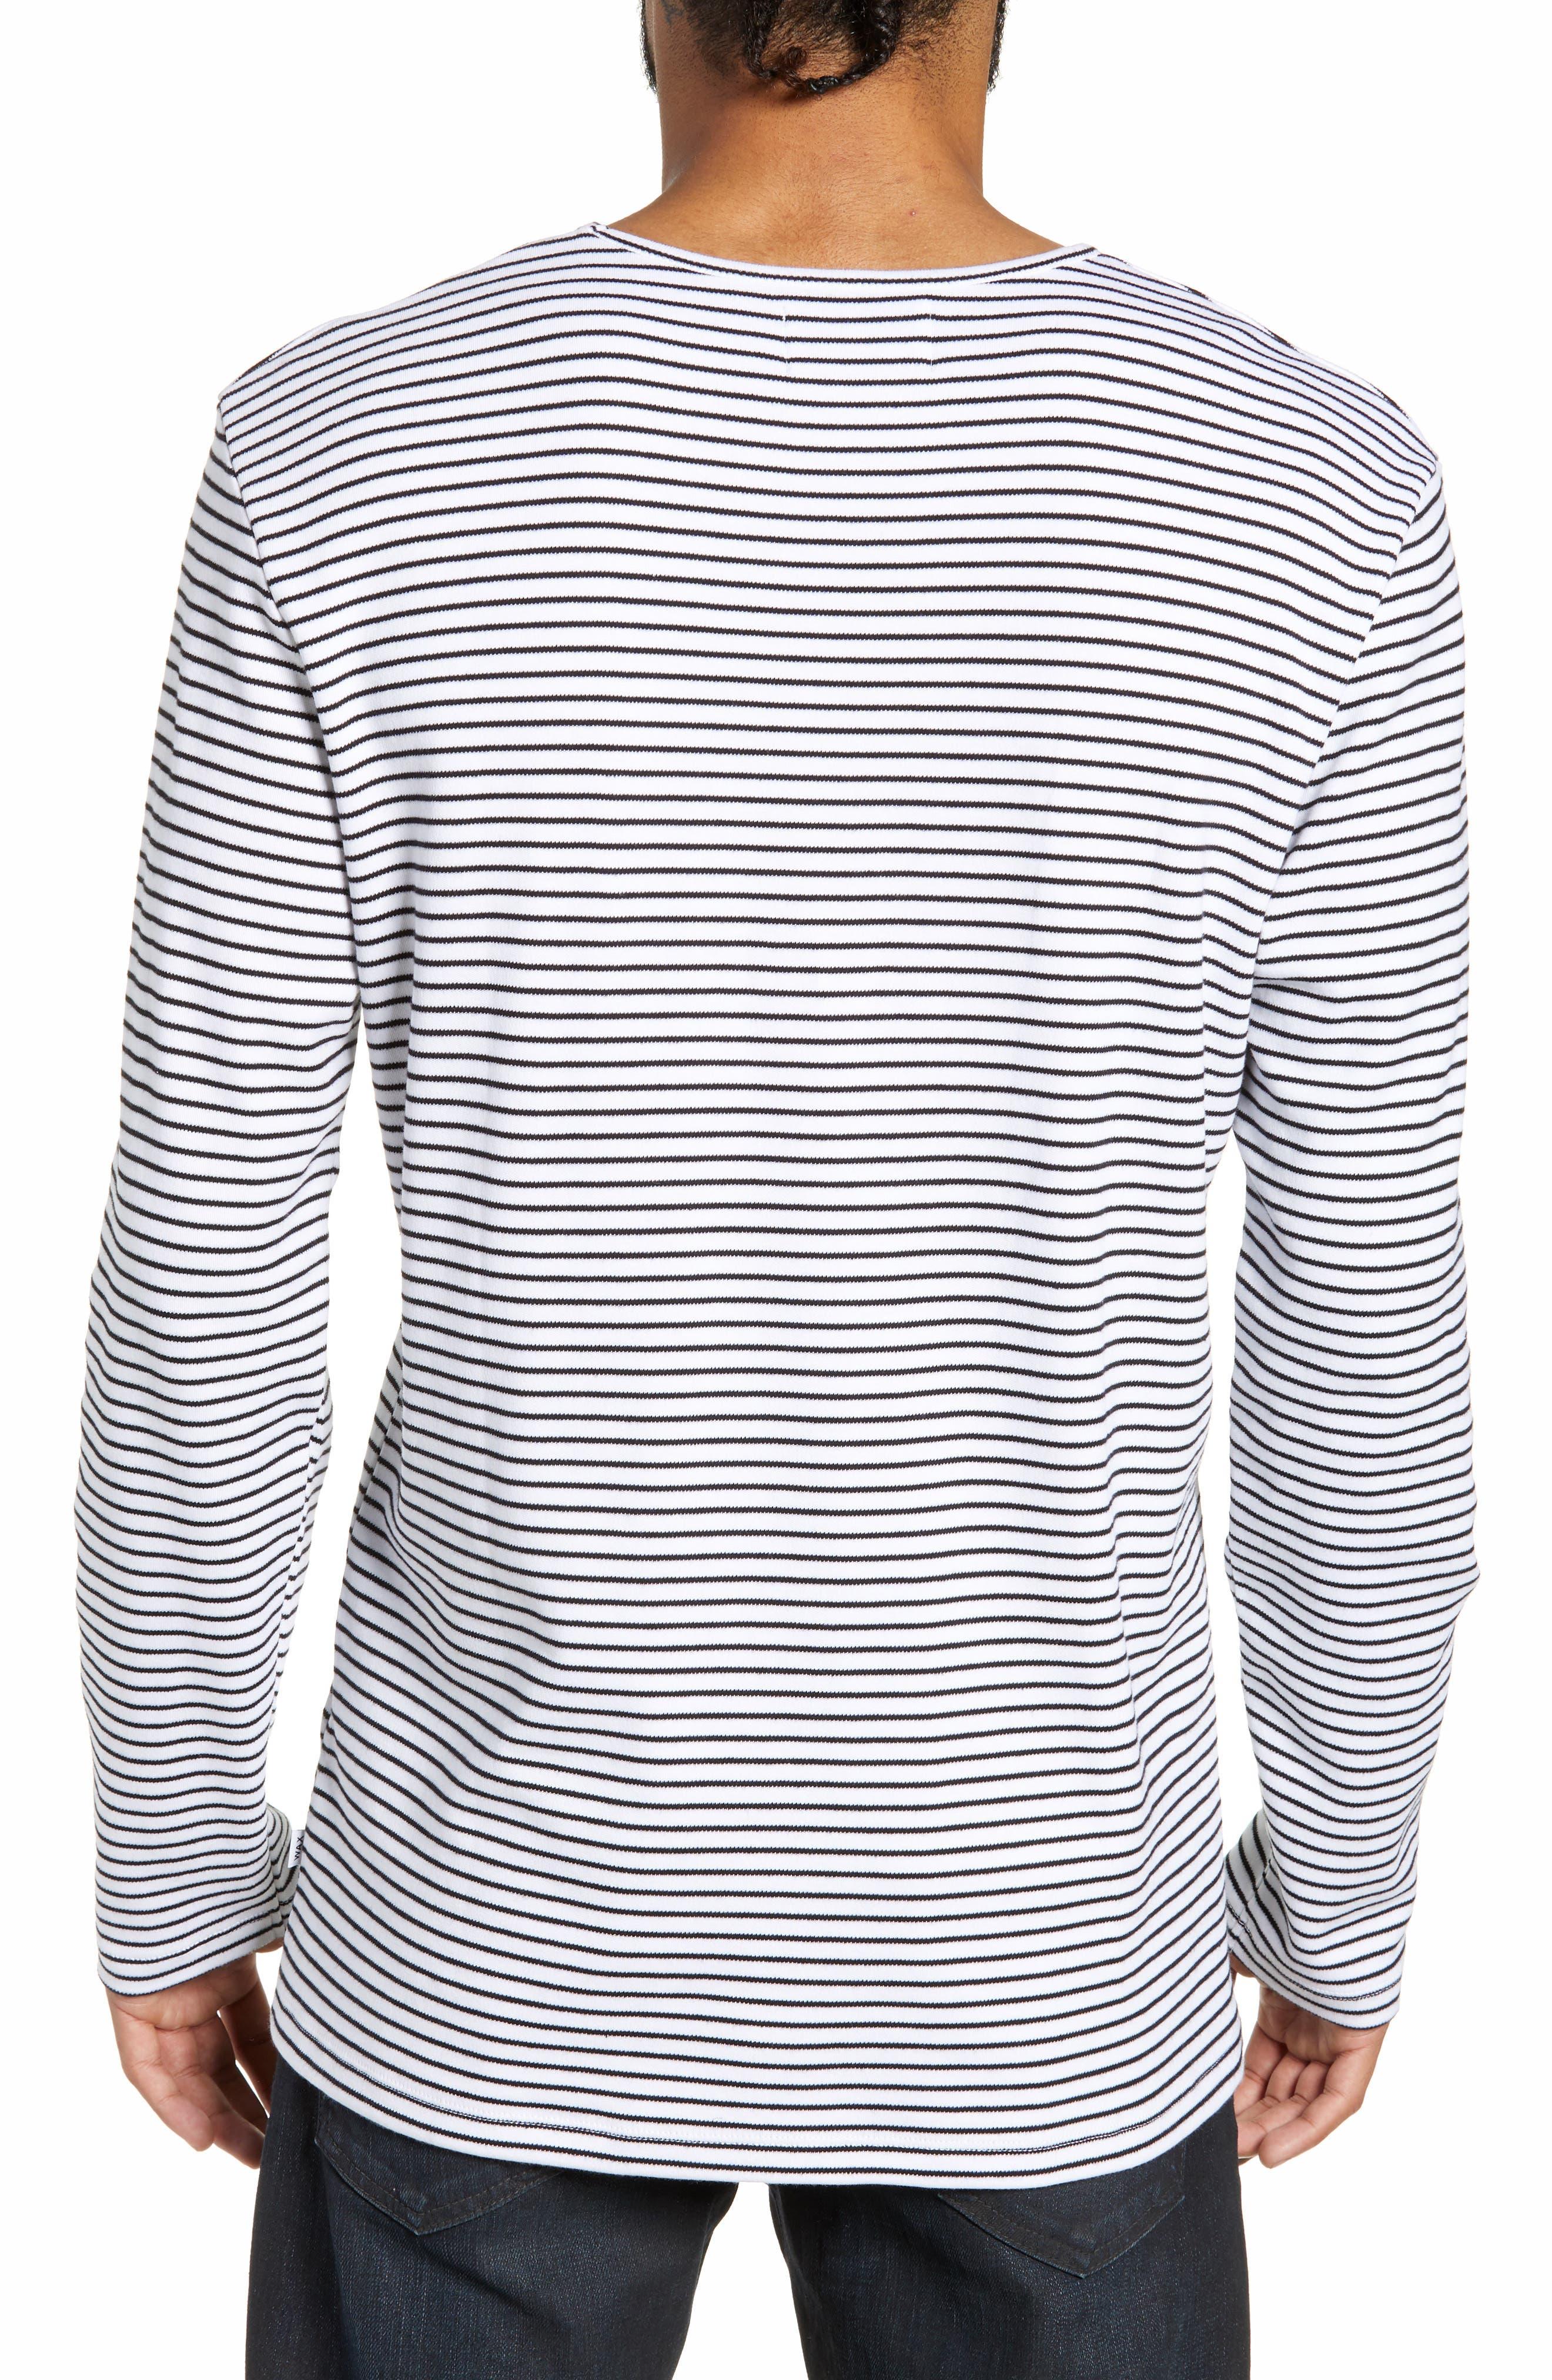 Finham Stripe Long Sleeve T-Shirt,                             Alternate thumbnail 2, color,                             WHITE / BLACK STRIPE